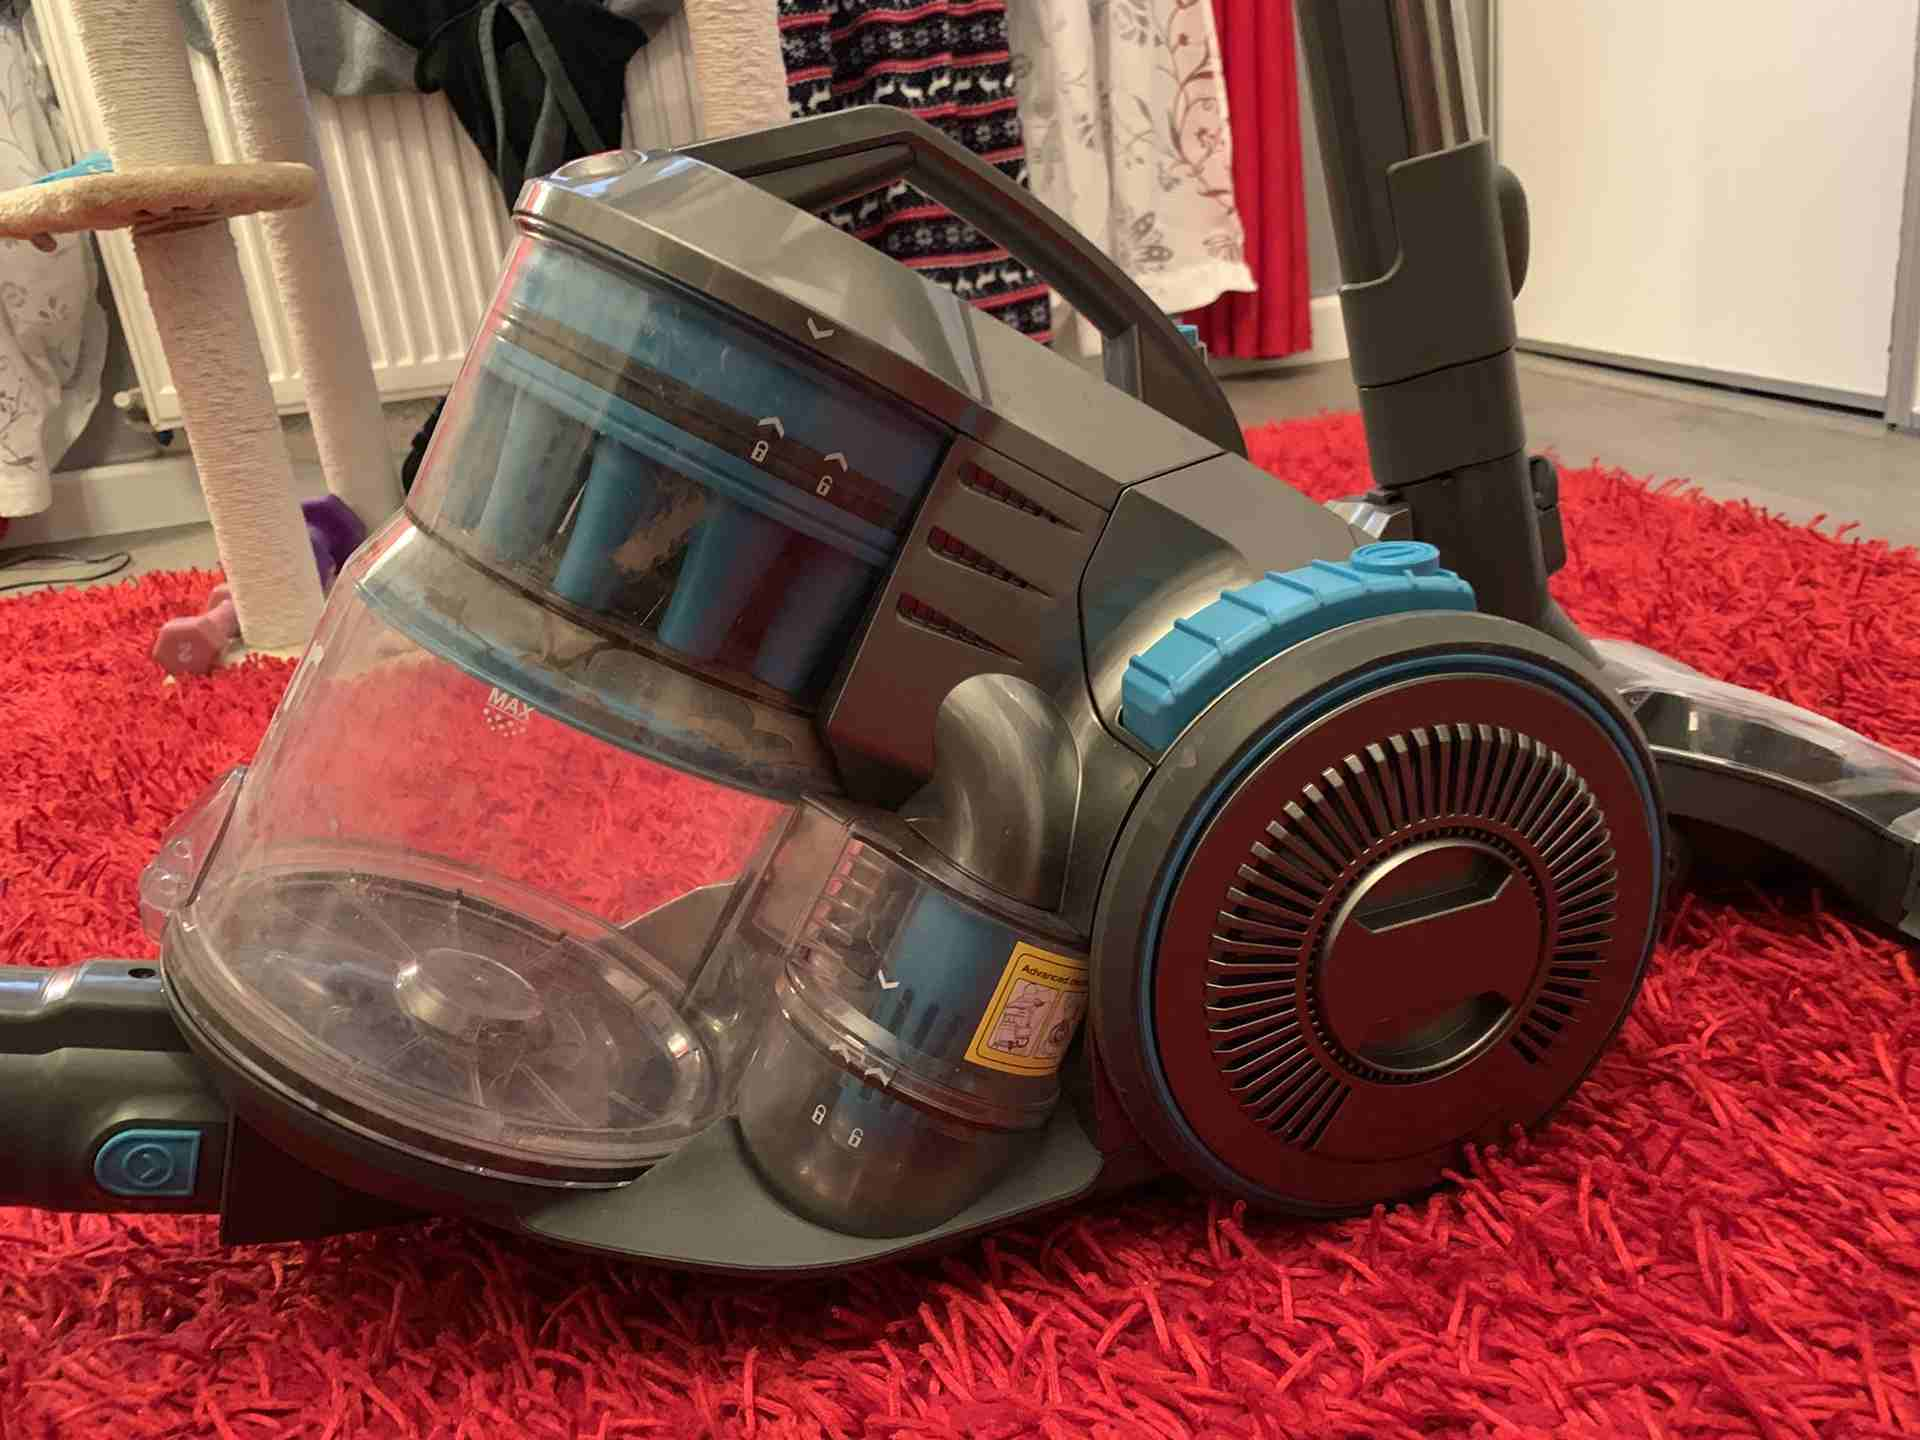 vax vacuum cleaner...